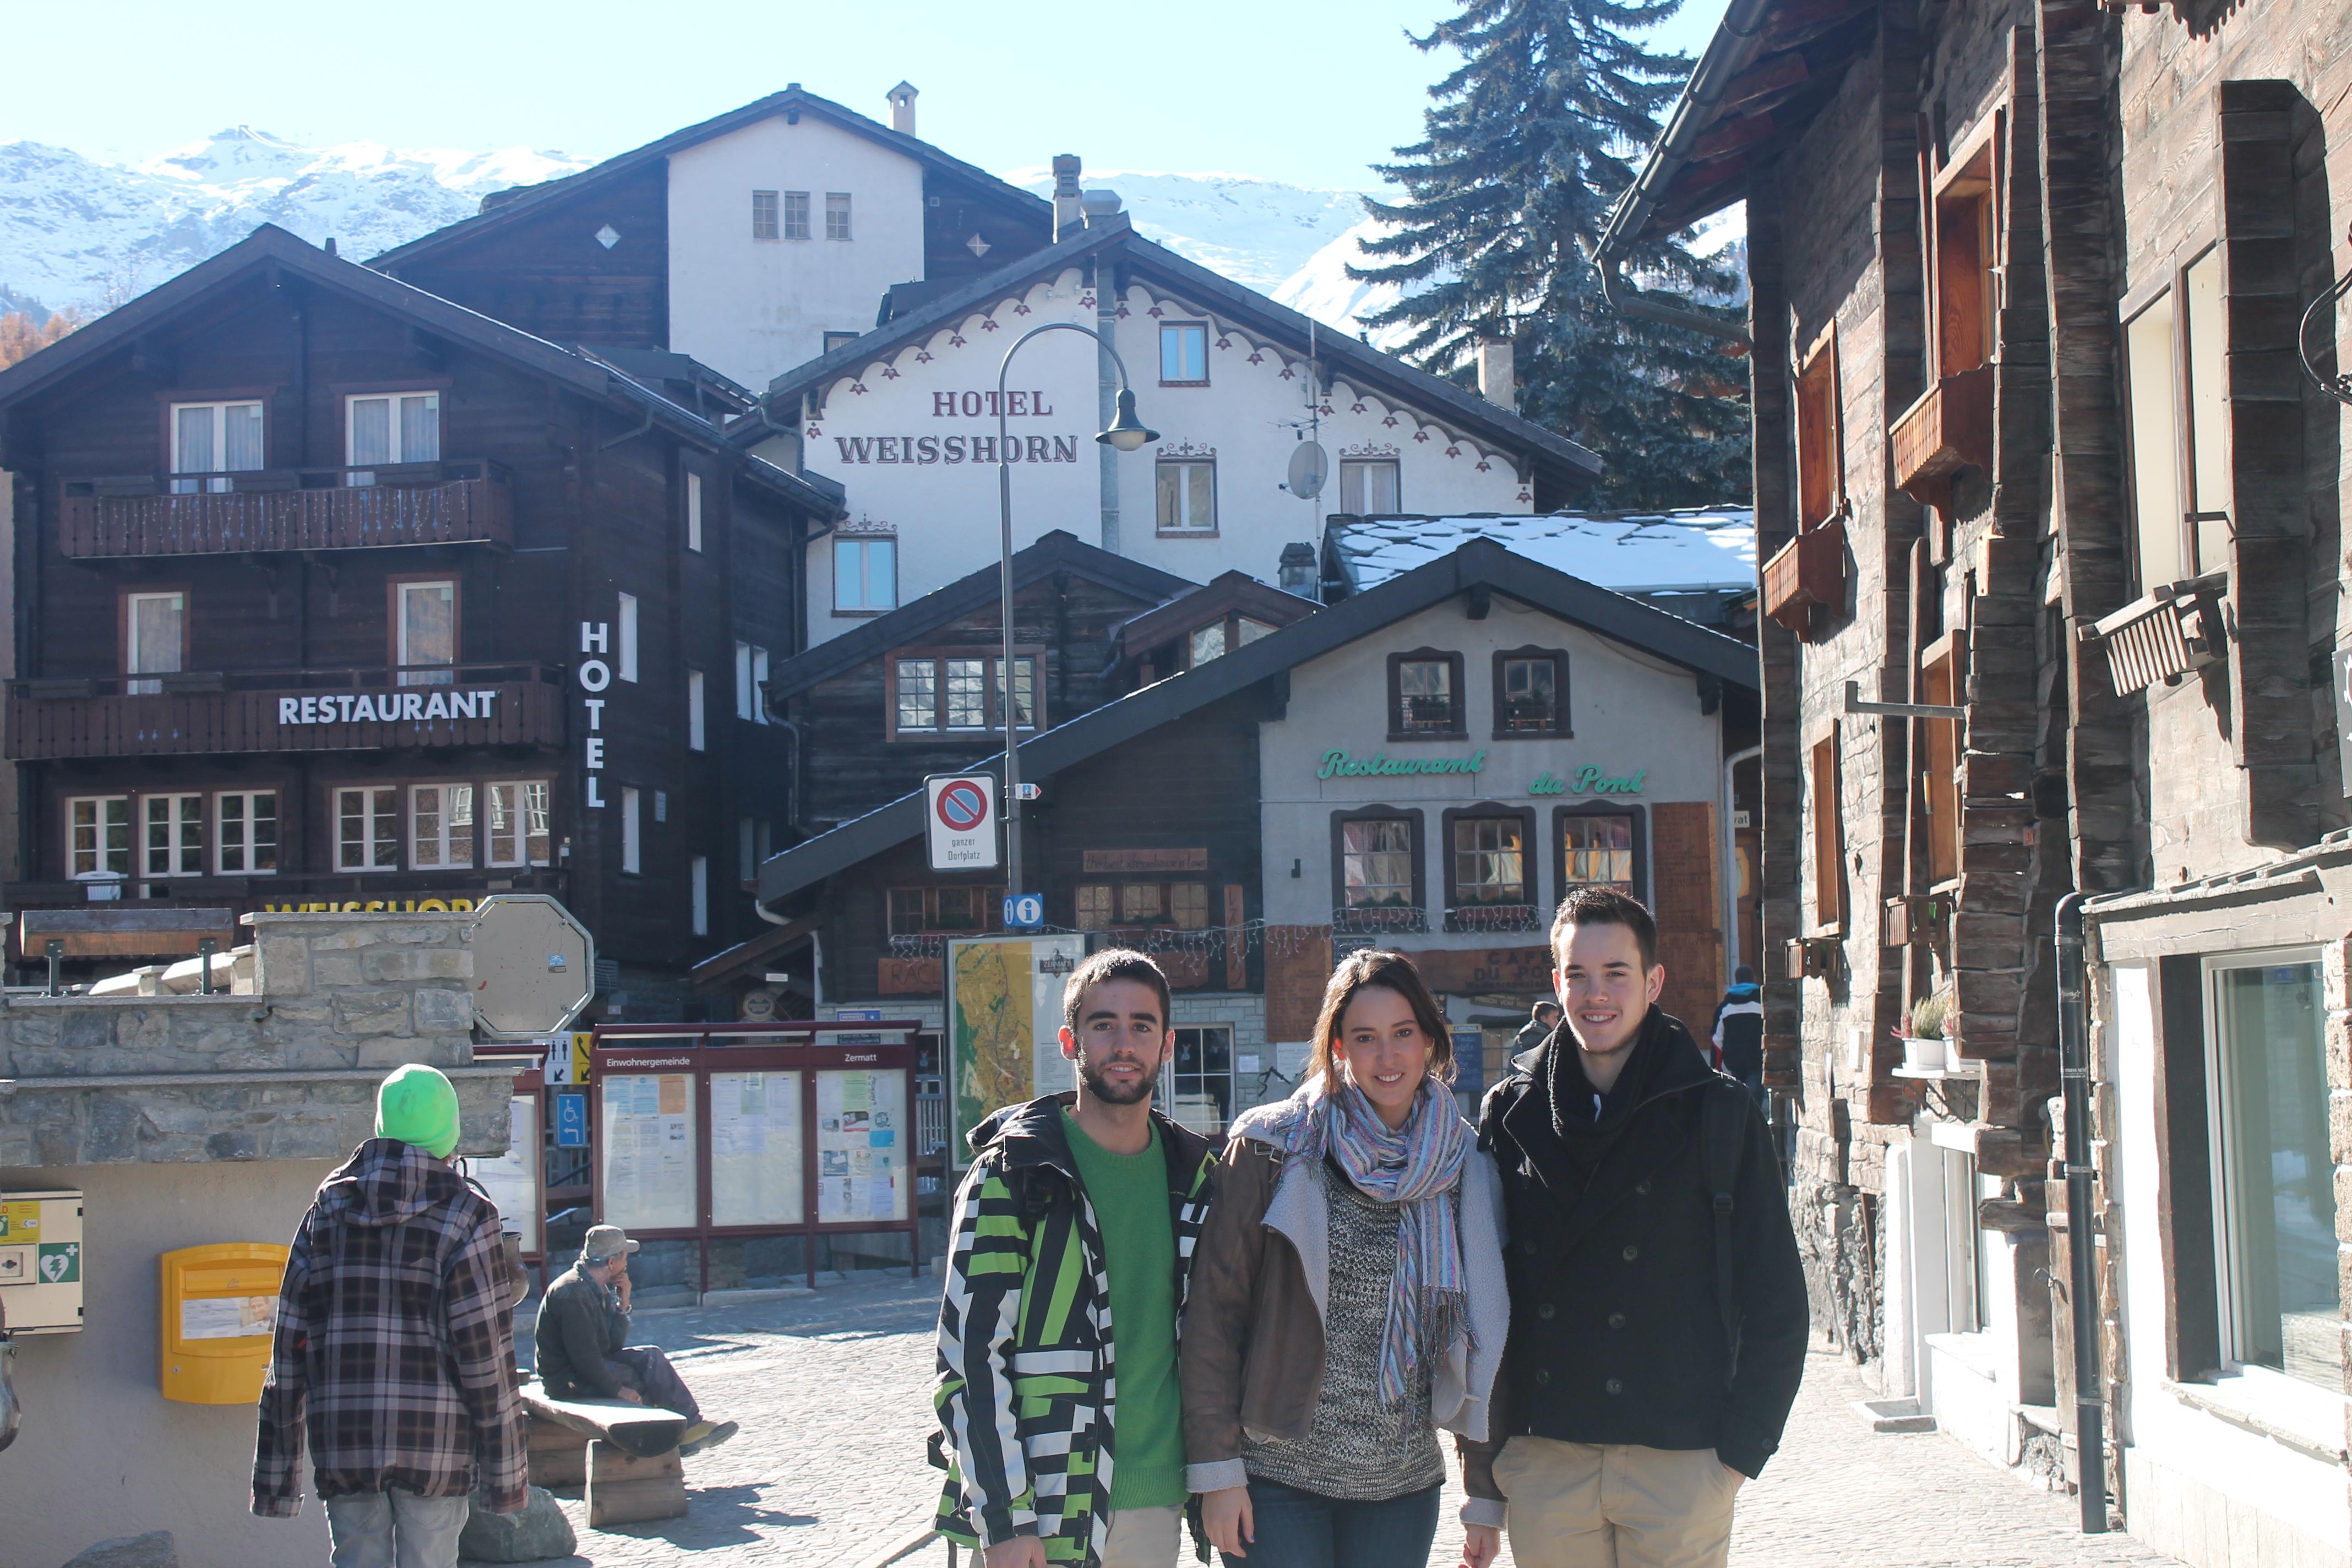 Casas típicas de los Alpes